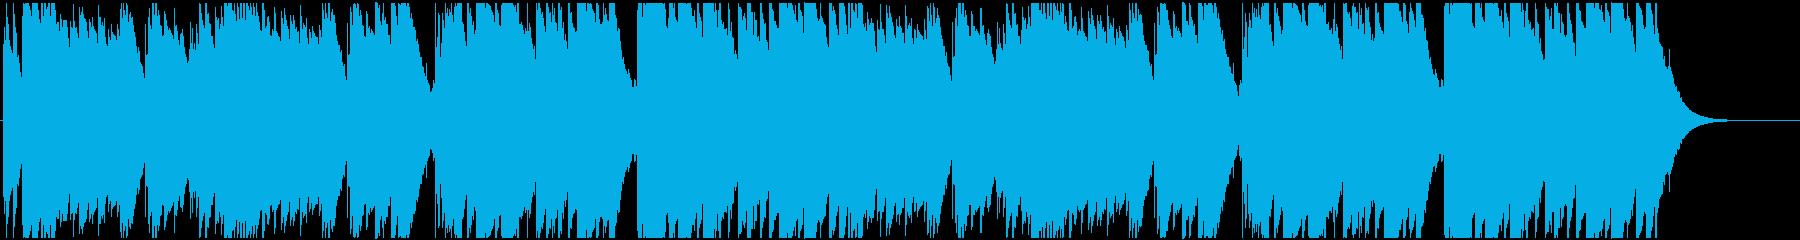 キレイな音色で木琴のような打楽器サウンドの再生済みの波形